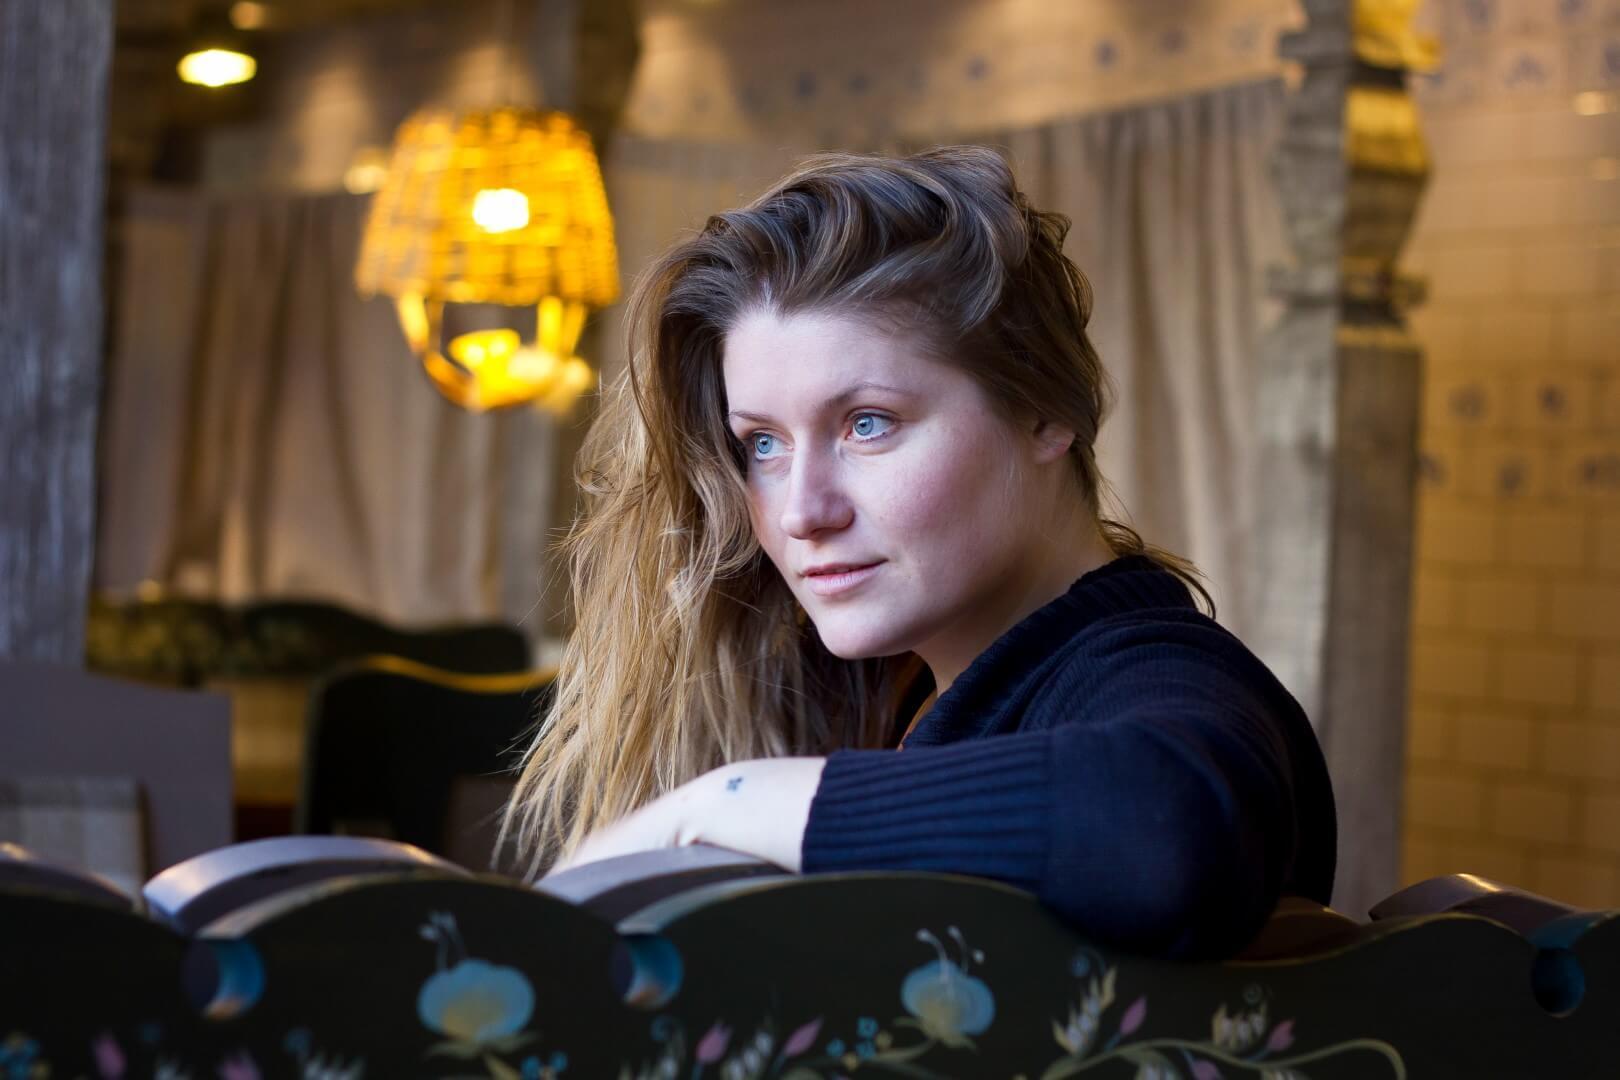 Belarus - portrait of young women